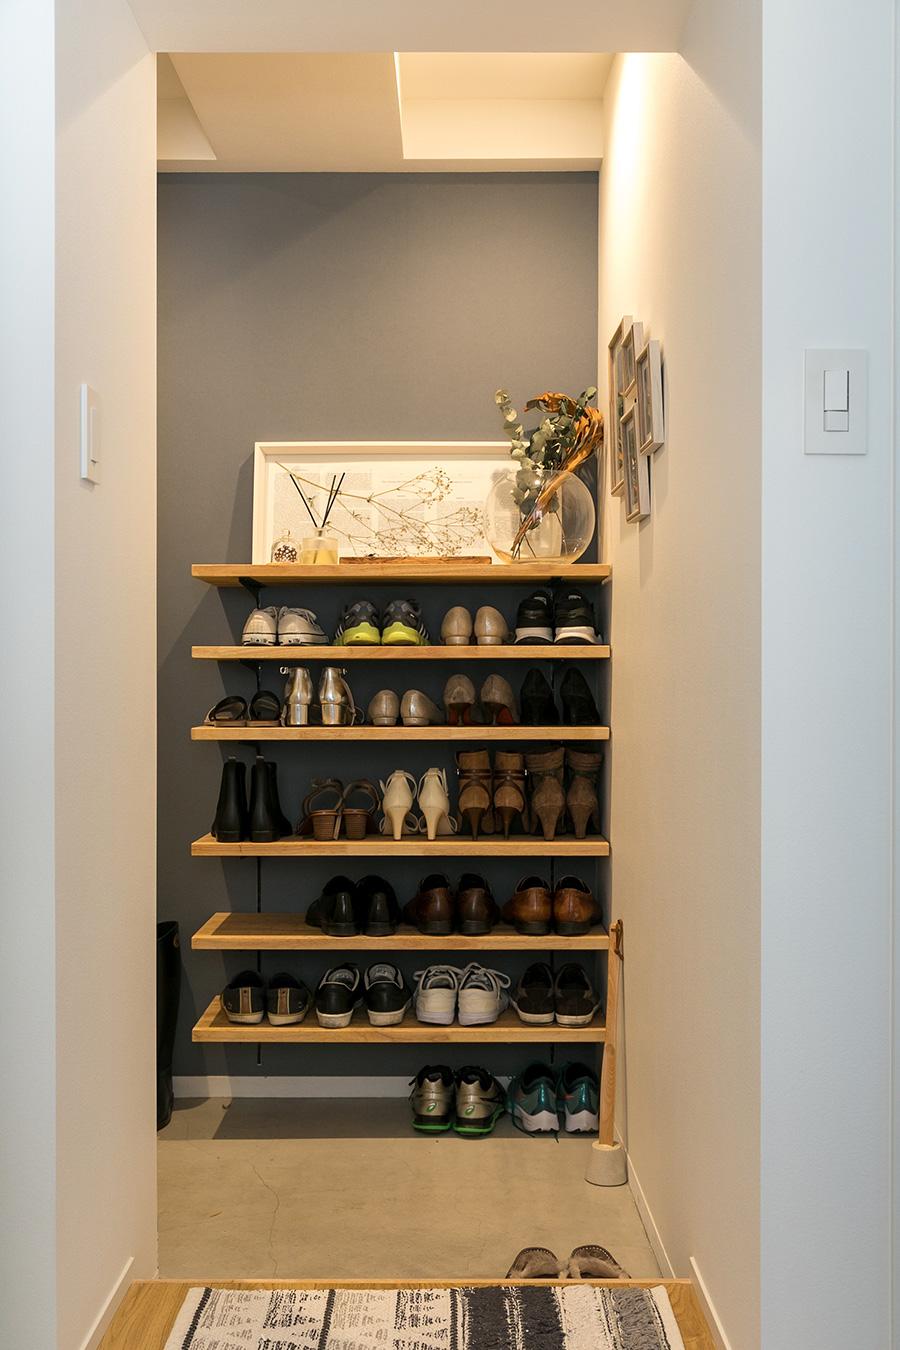 シューズラックは取り外せるようになっており、高さが調整できるだけでなく、大きな家具を入れる際にも便利。